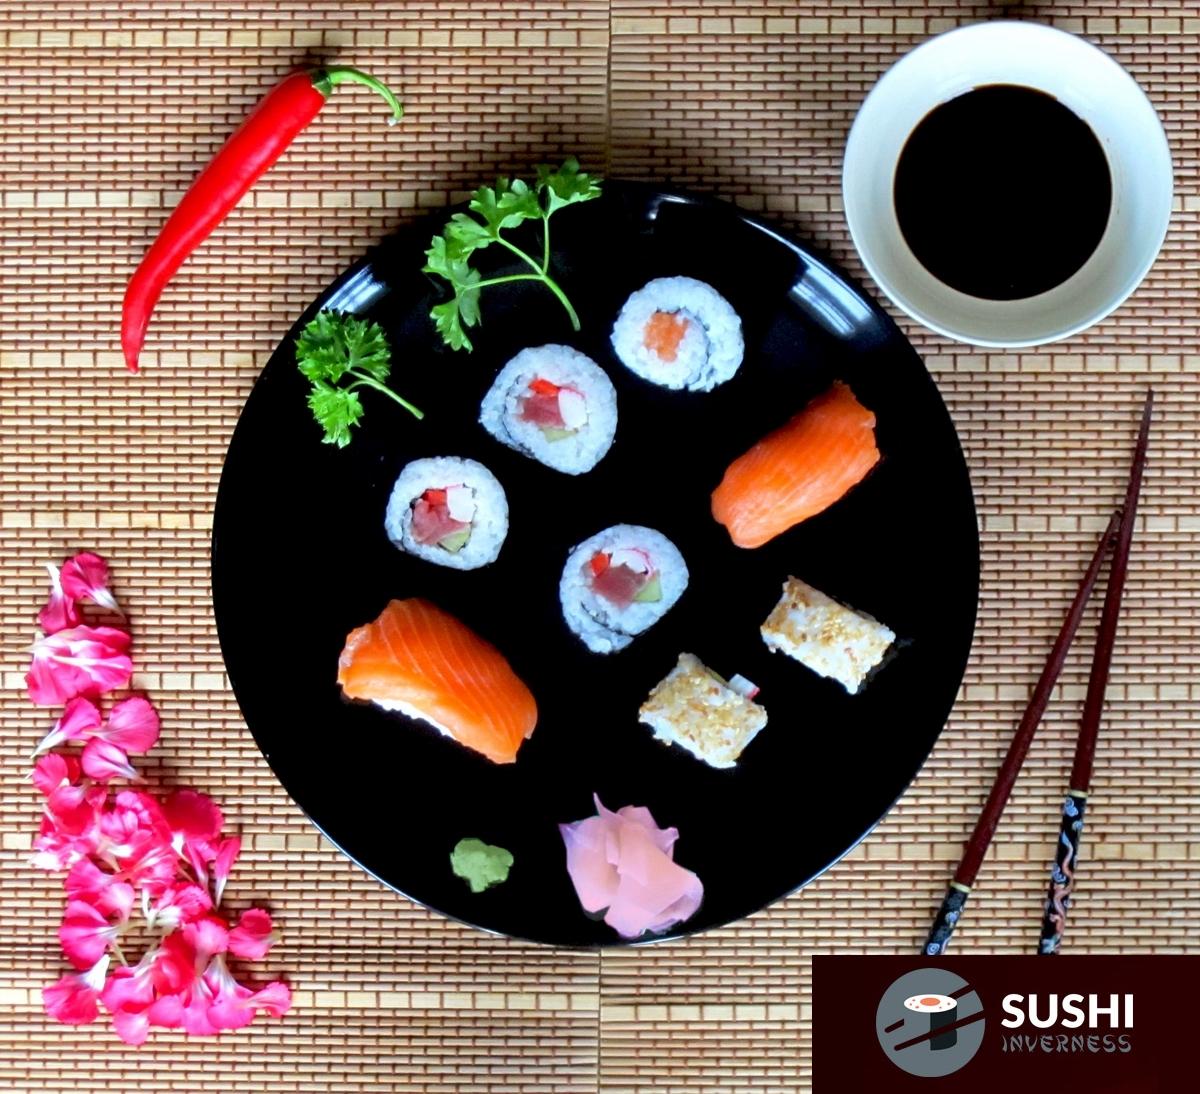 lunch set sushi inverness. Black Bedroom Furniture Sets. Home Design Ideas